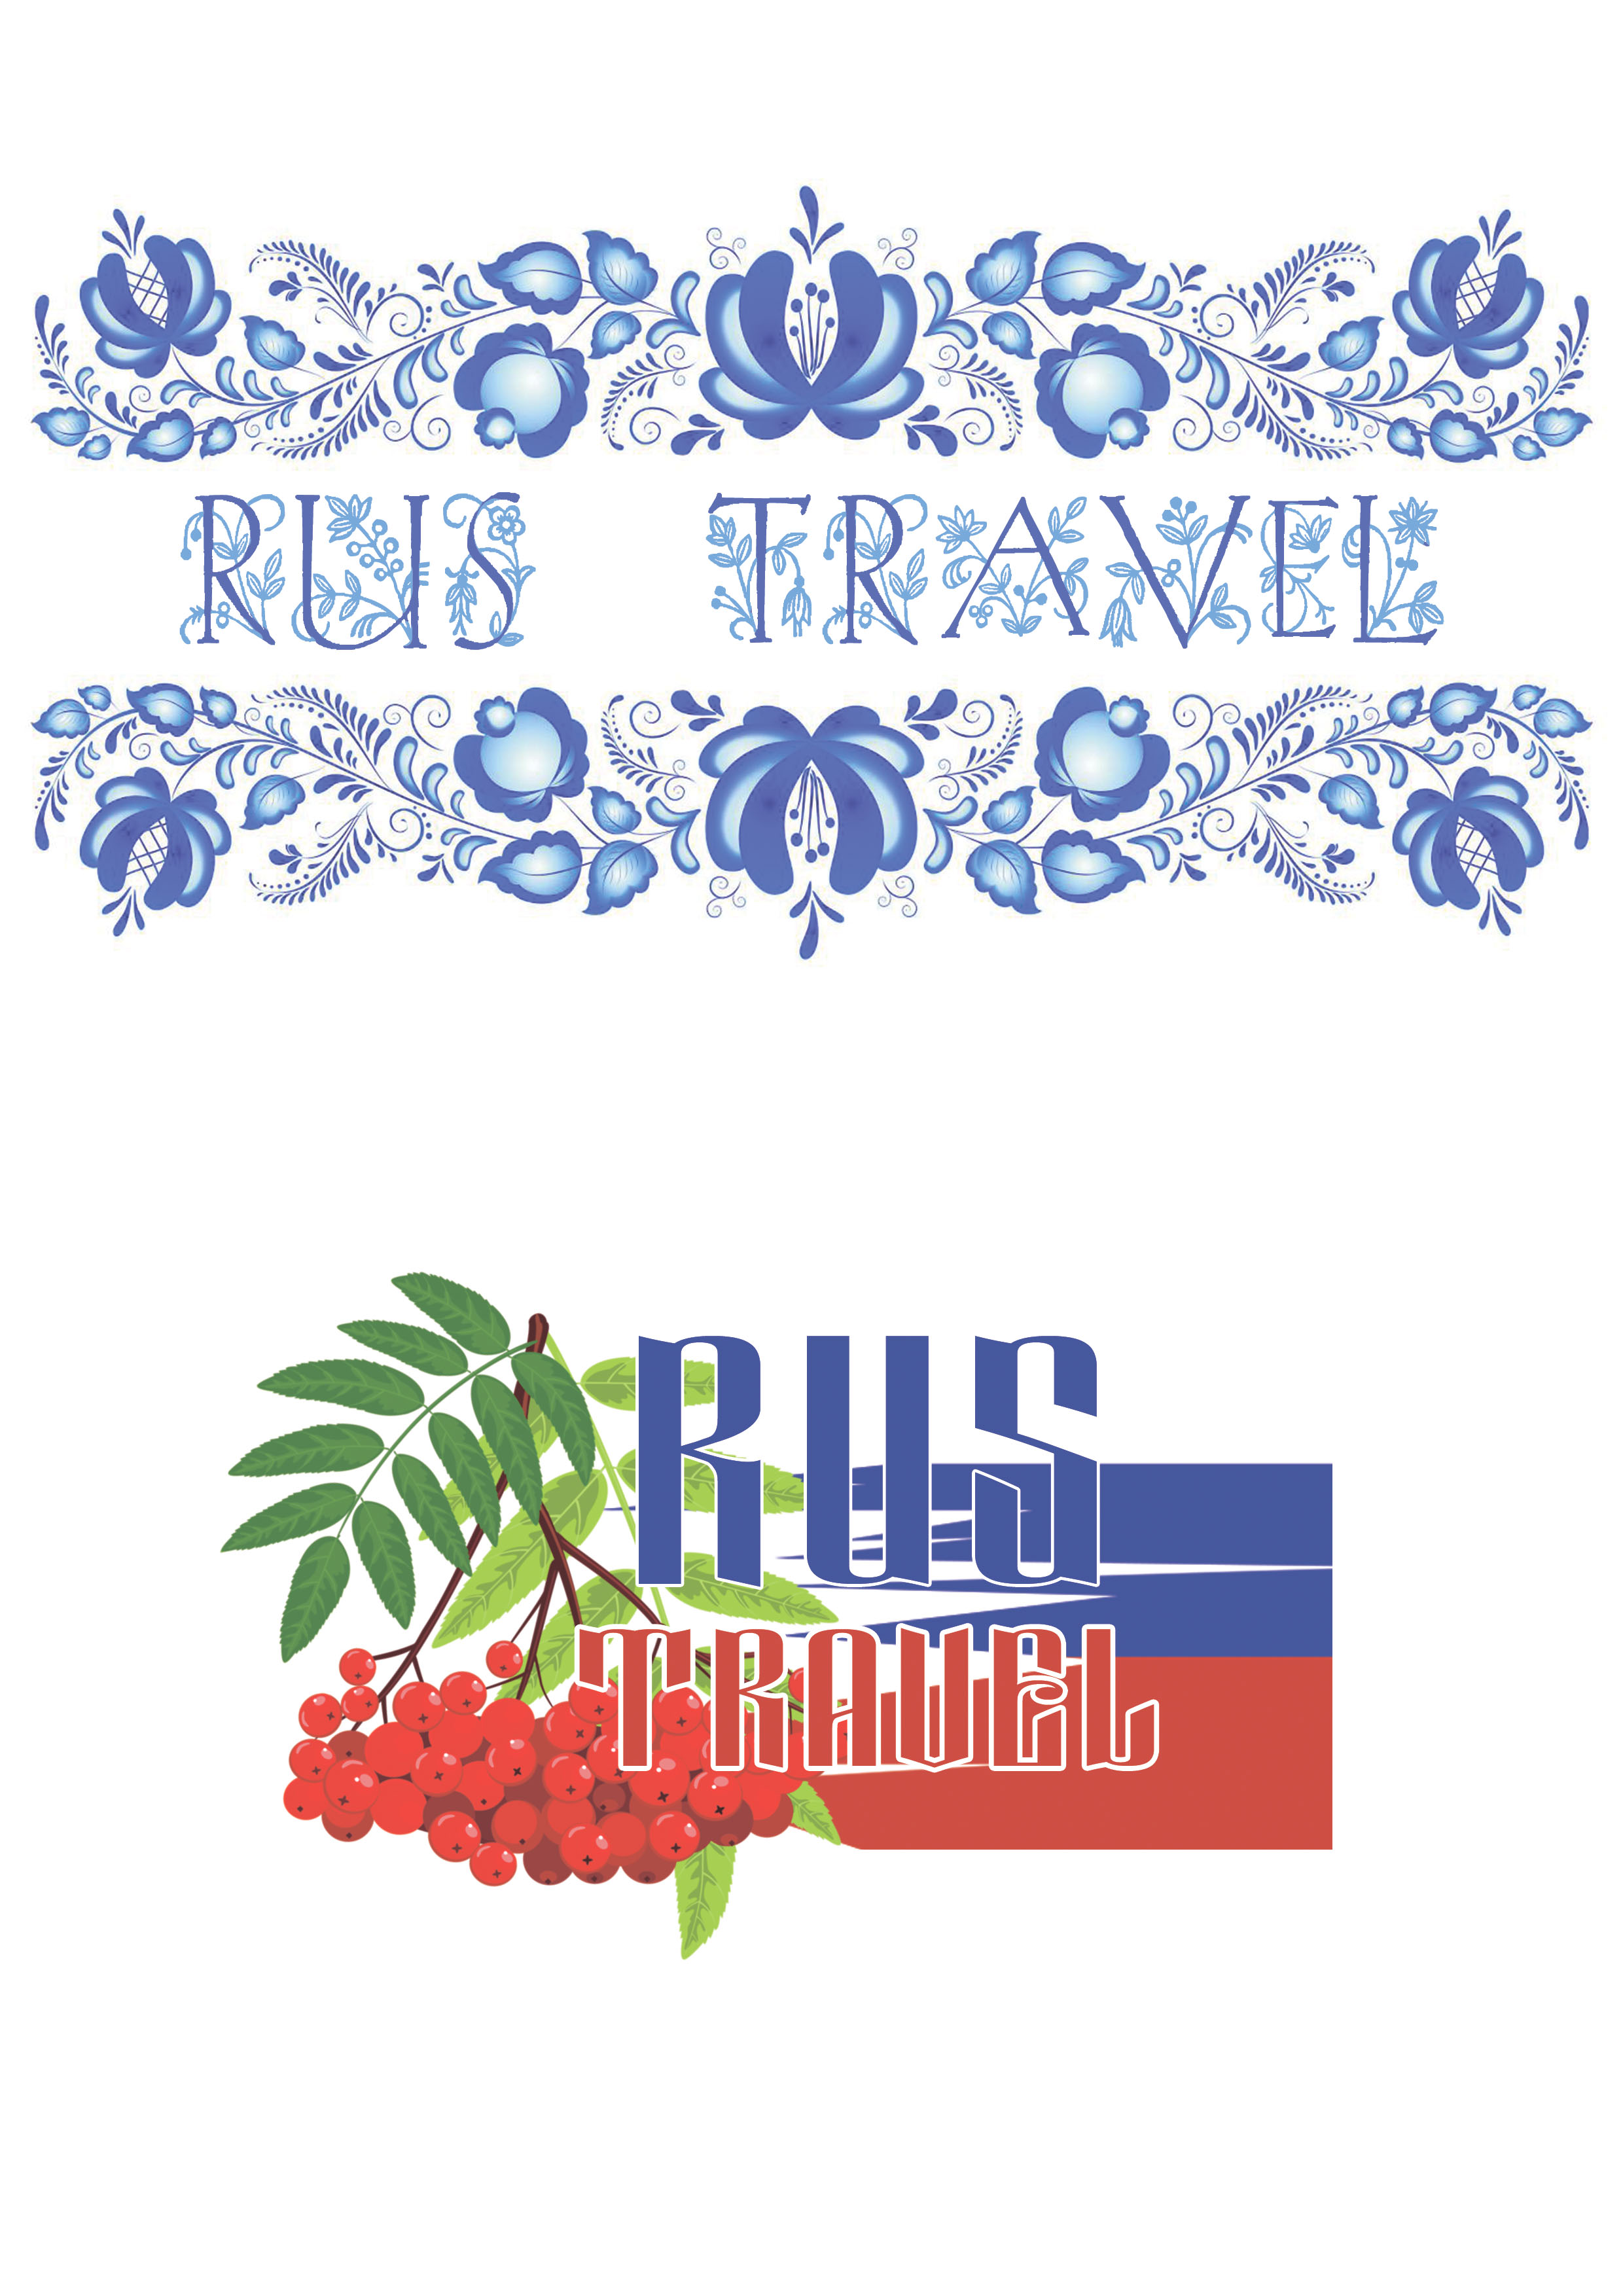 Разработка логотипа фото f_3035b42767e26b4f.jpg